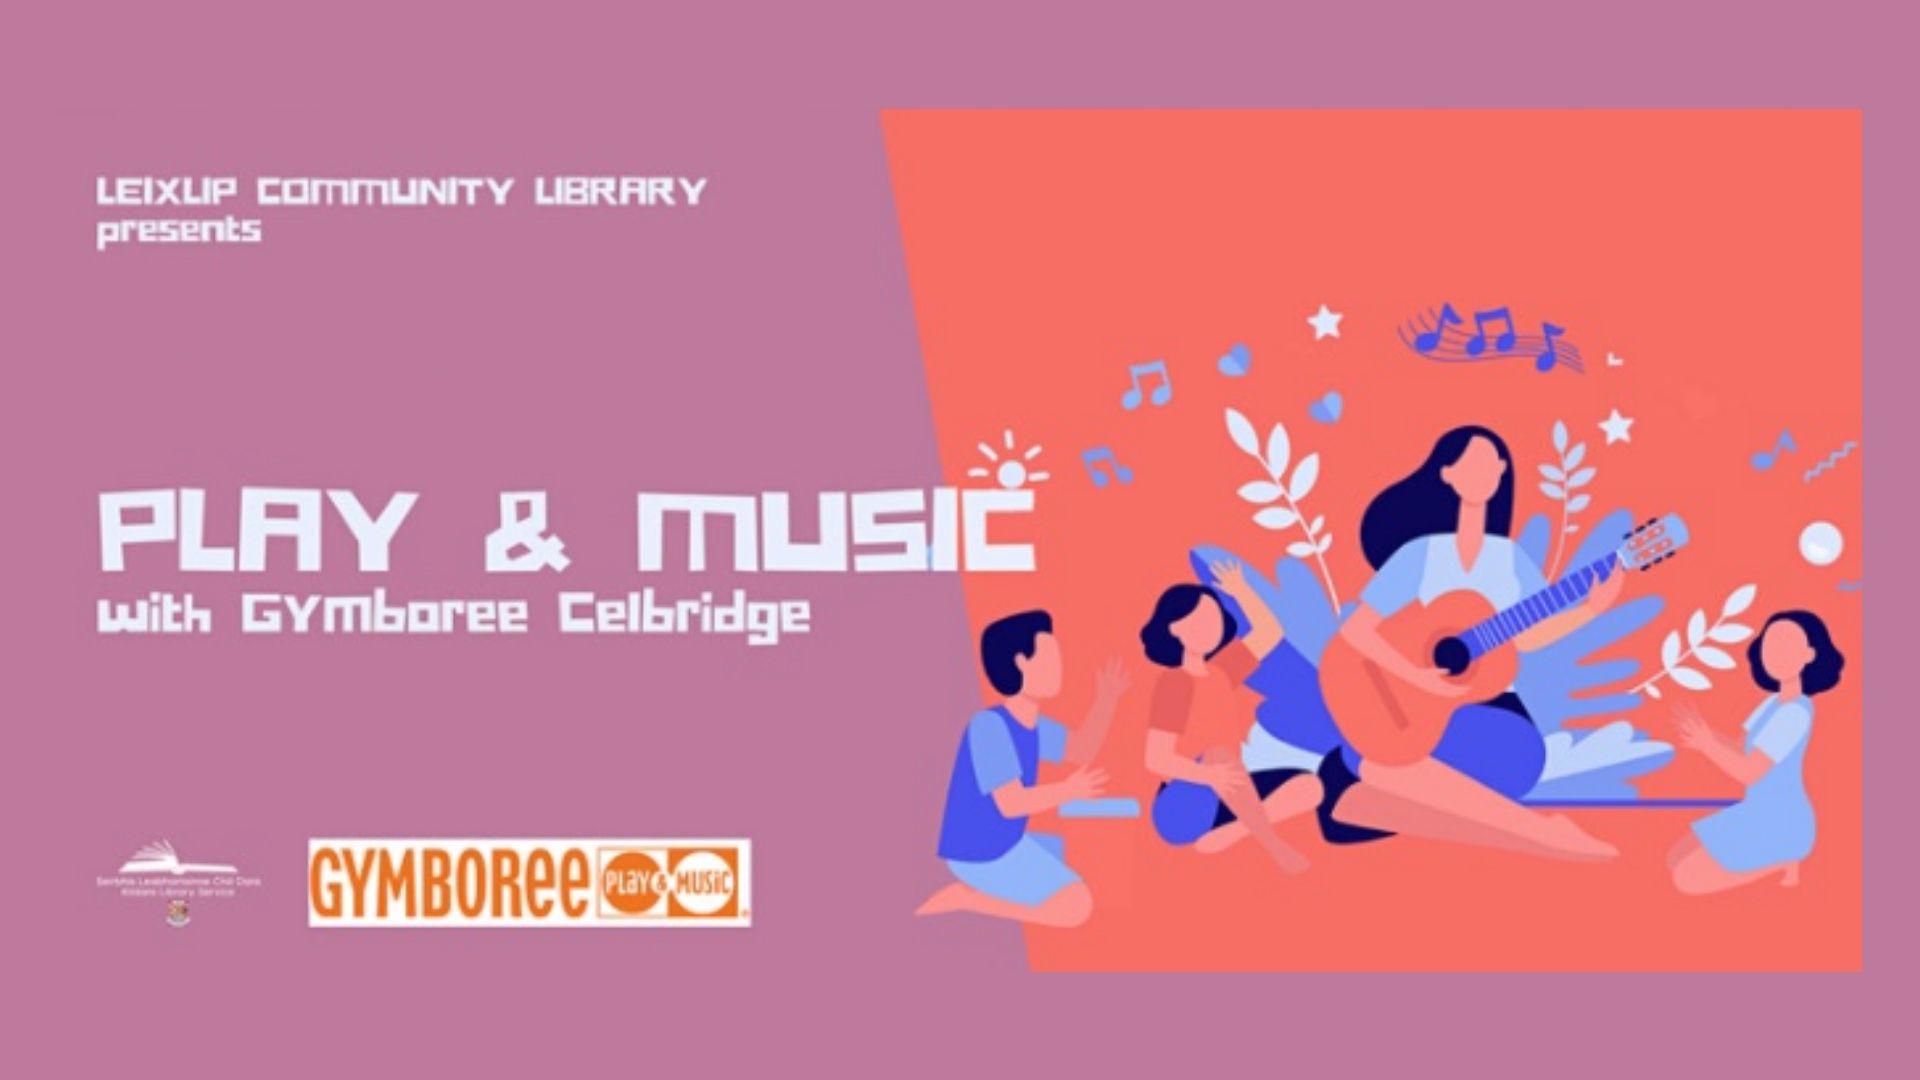 Leixlip Play & Music Event